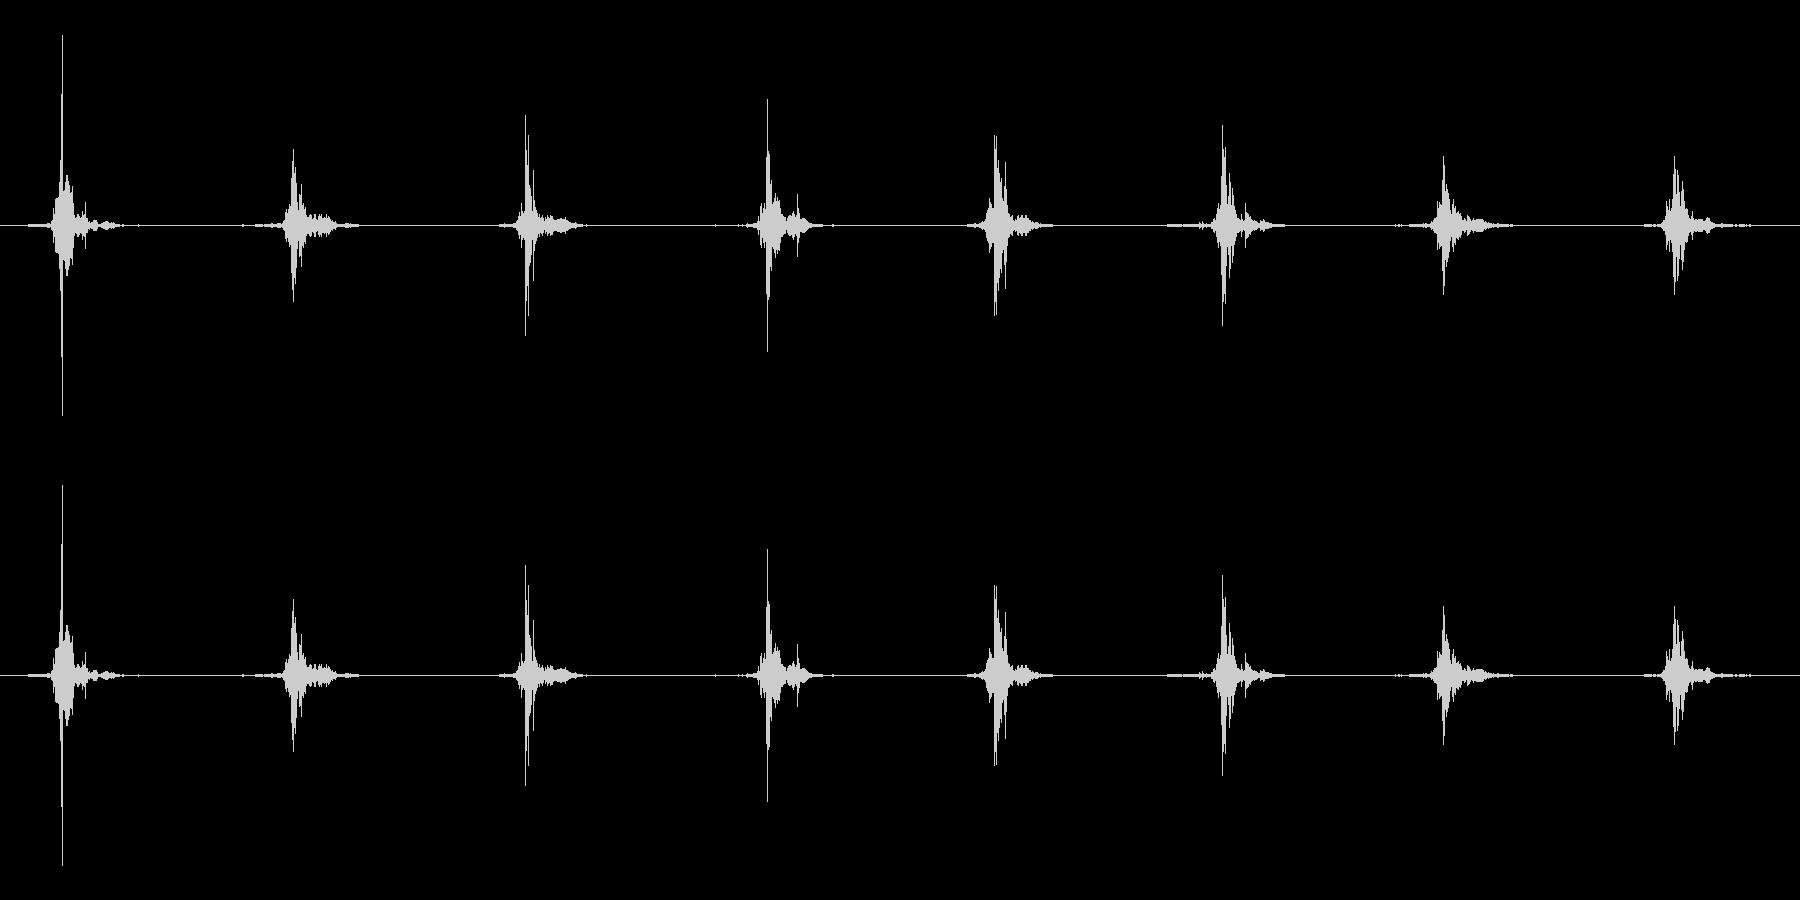 鳥 翼フラップ07の未再生の波形